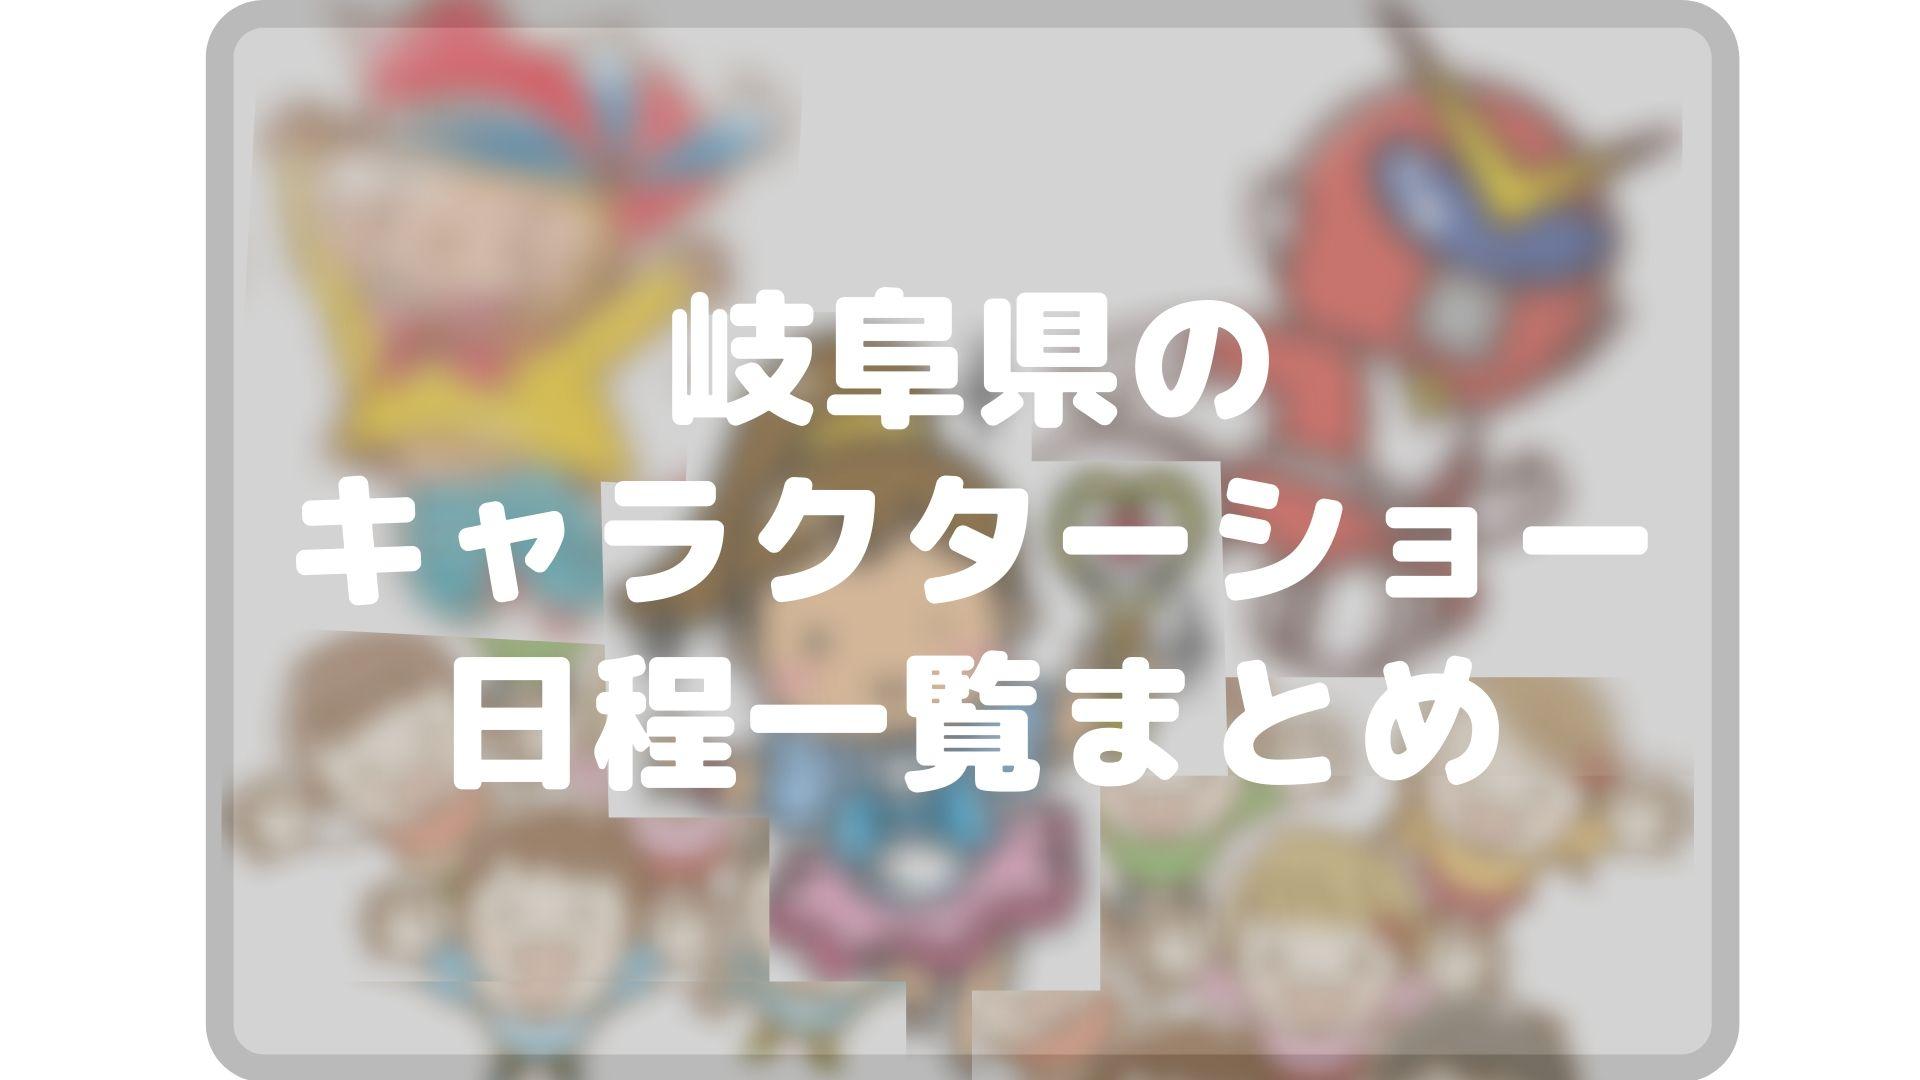 岐阜県のキャラクターショーまとめタイトル画像